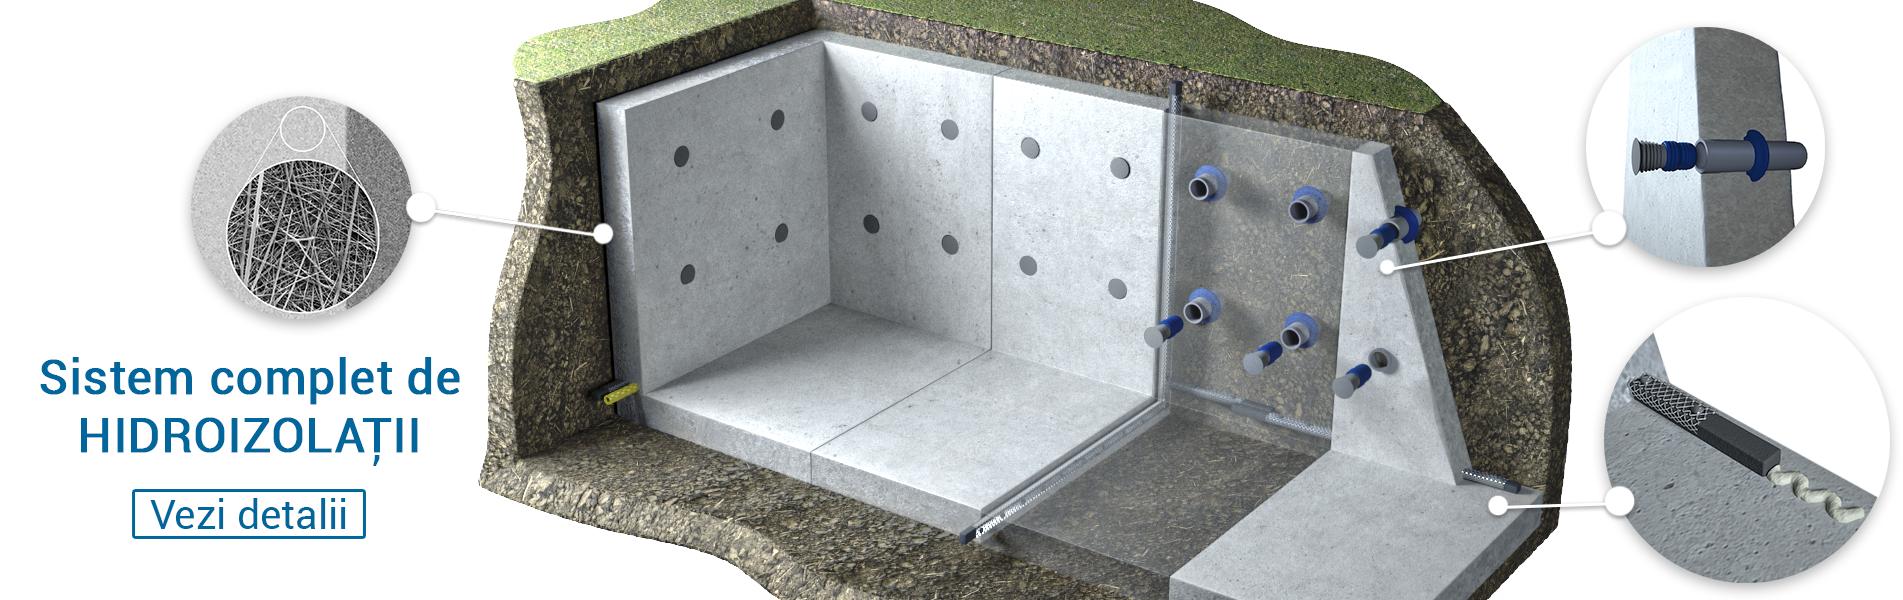 Imaginea subsolului unei structuri din beton și soluțiile de hidroizolare pentru diferite puncte vulnerabile: hidroizolarea betonului, etanșarea rosturilor de turnare, etanșarea golurilor de cofrare